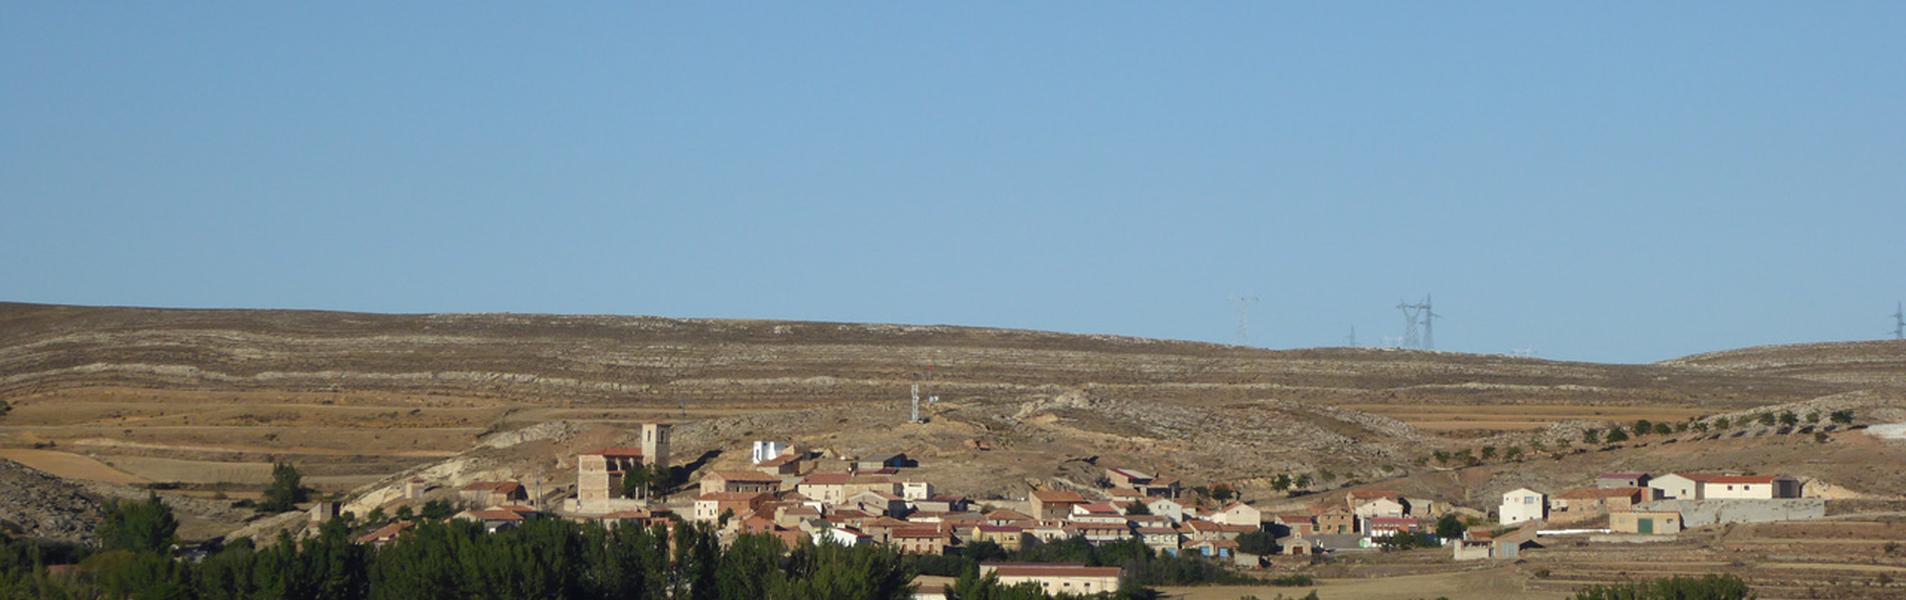 Cañada Vellida